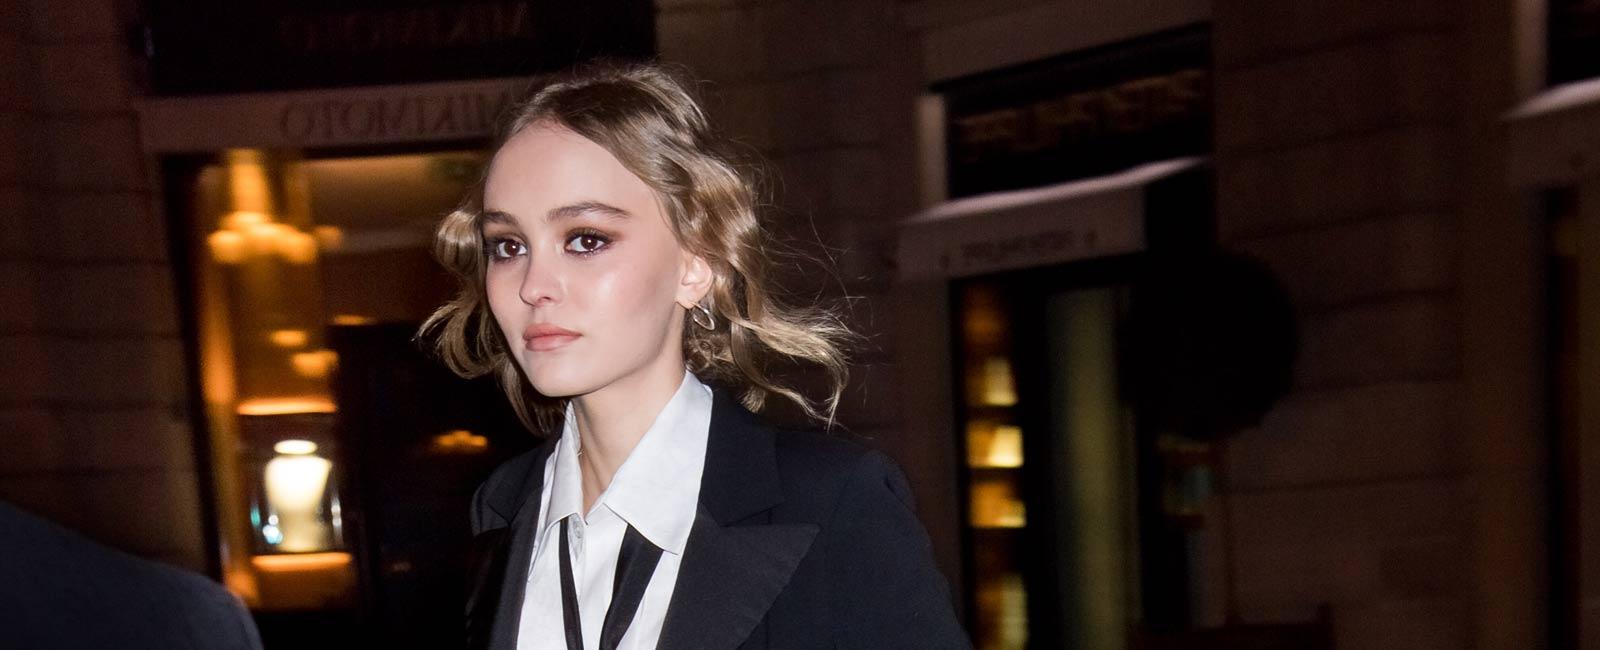 Lily Rose no podría negar que es hija de Johnny Depp